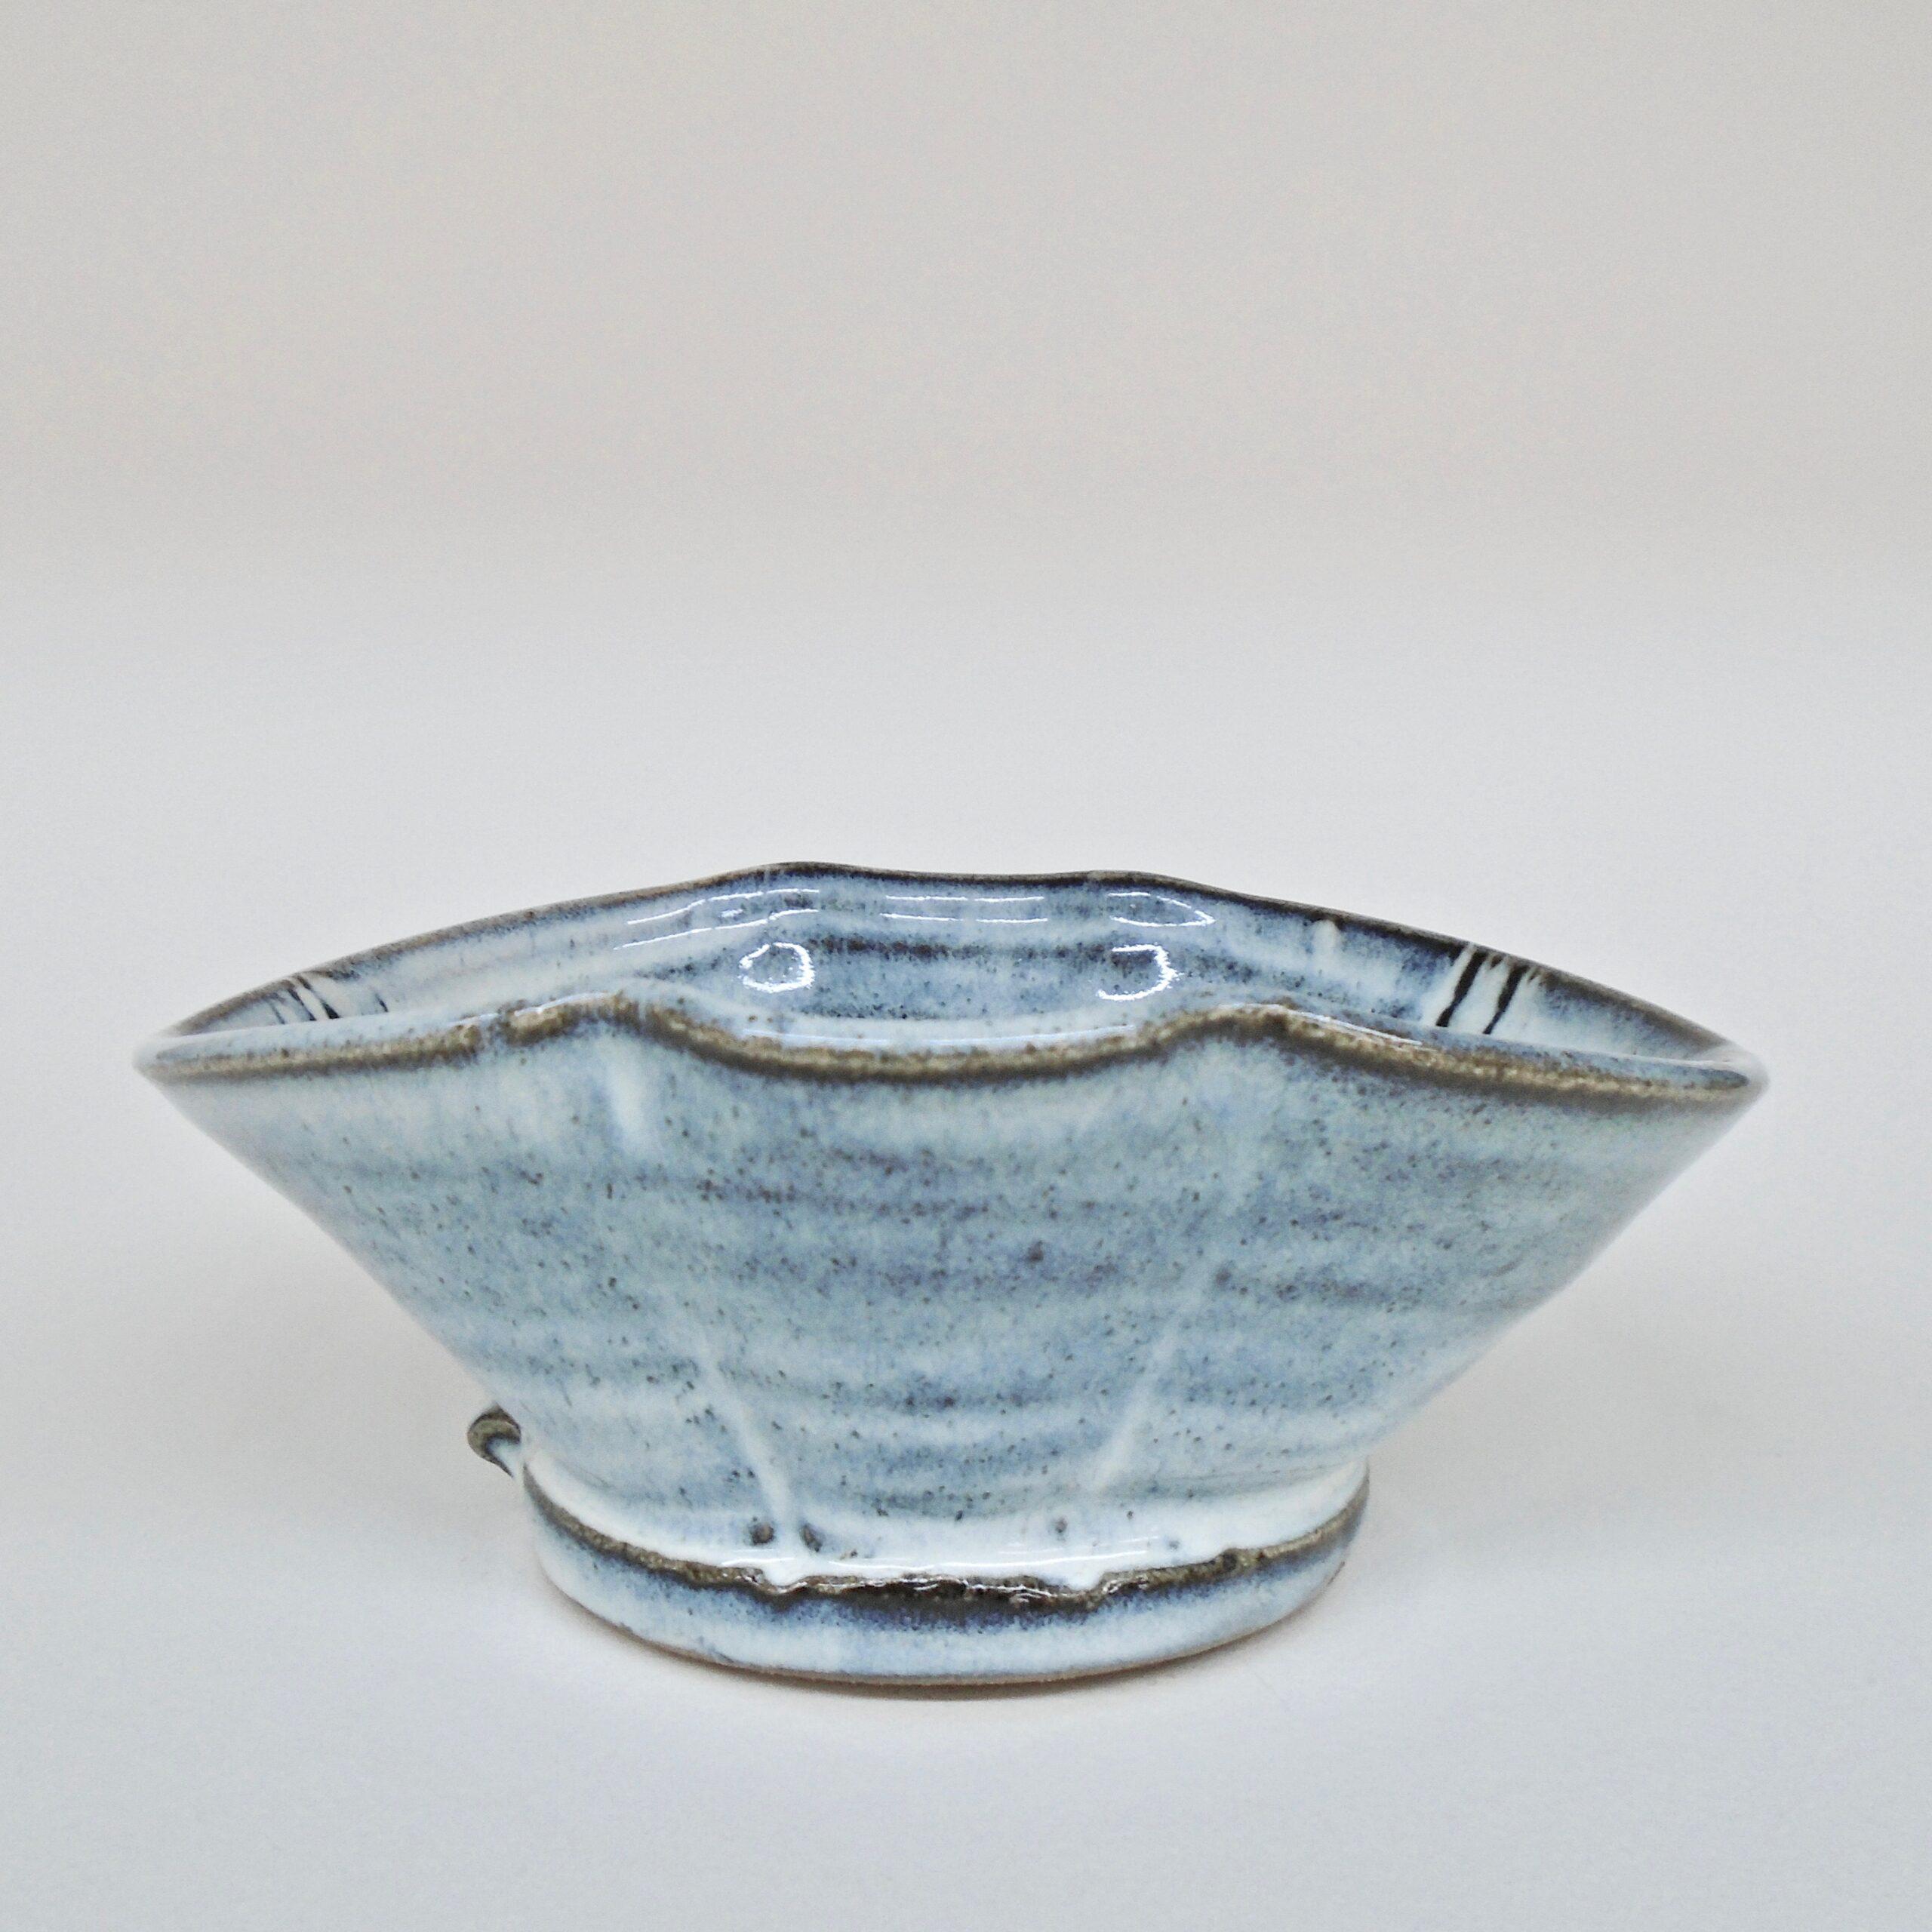 JL448: Anne's White Oval Bowl